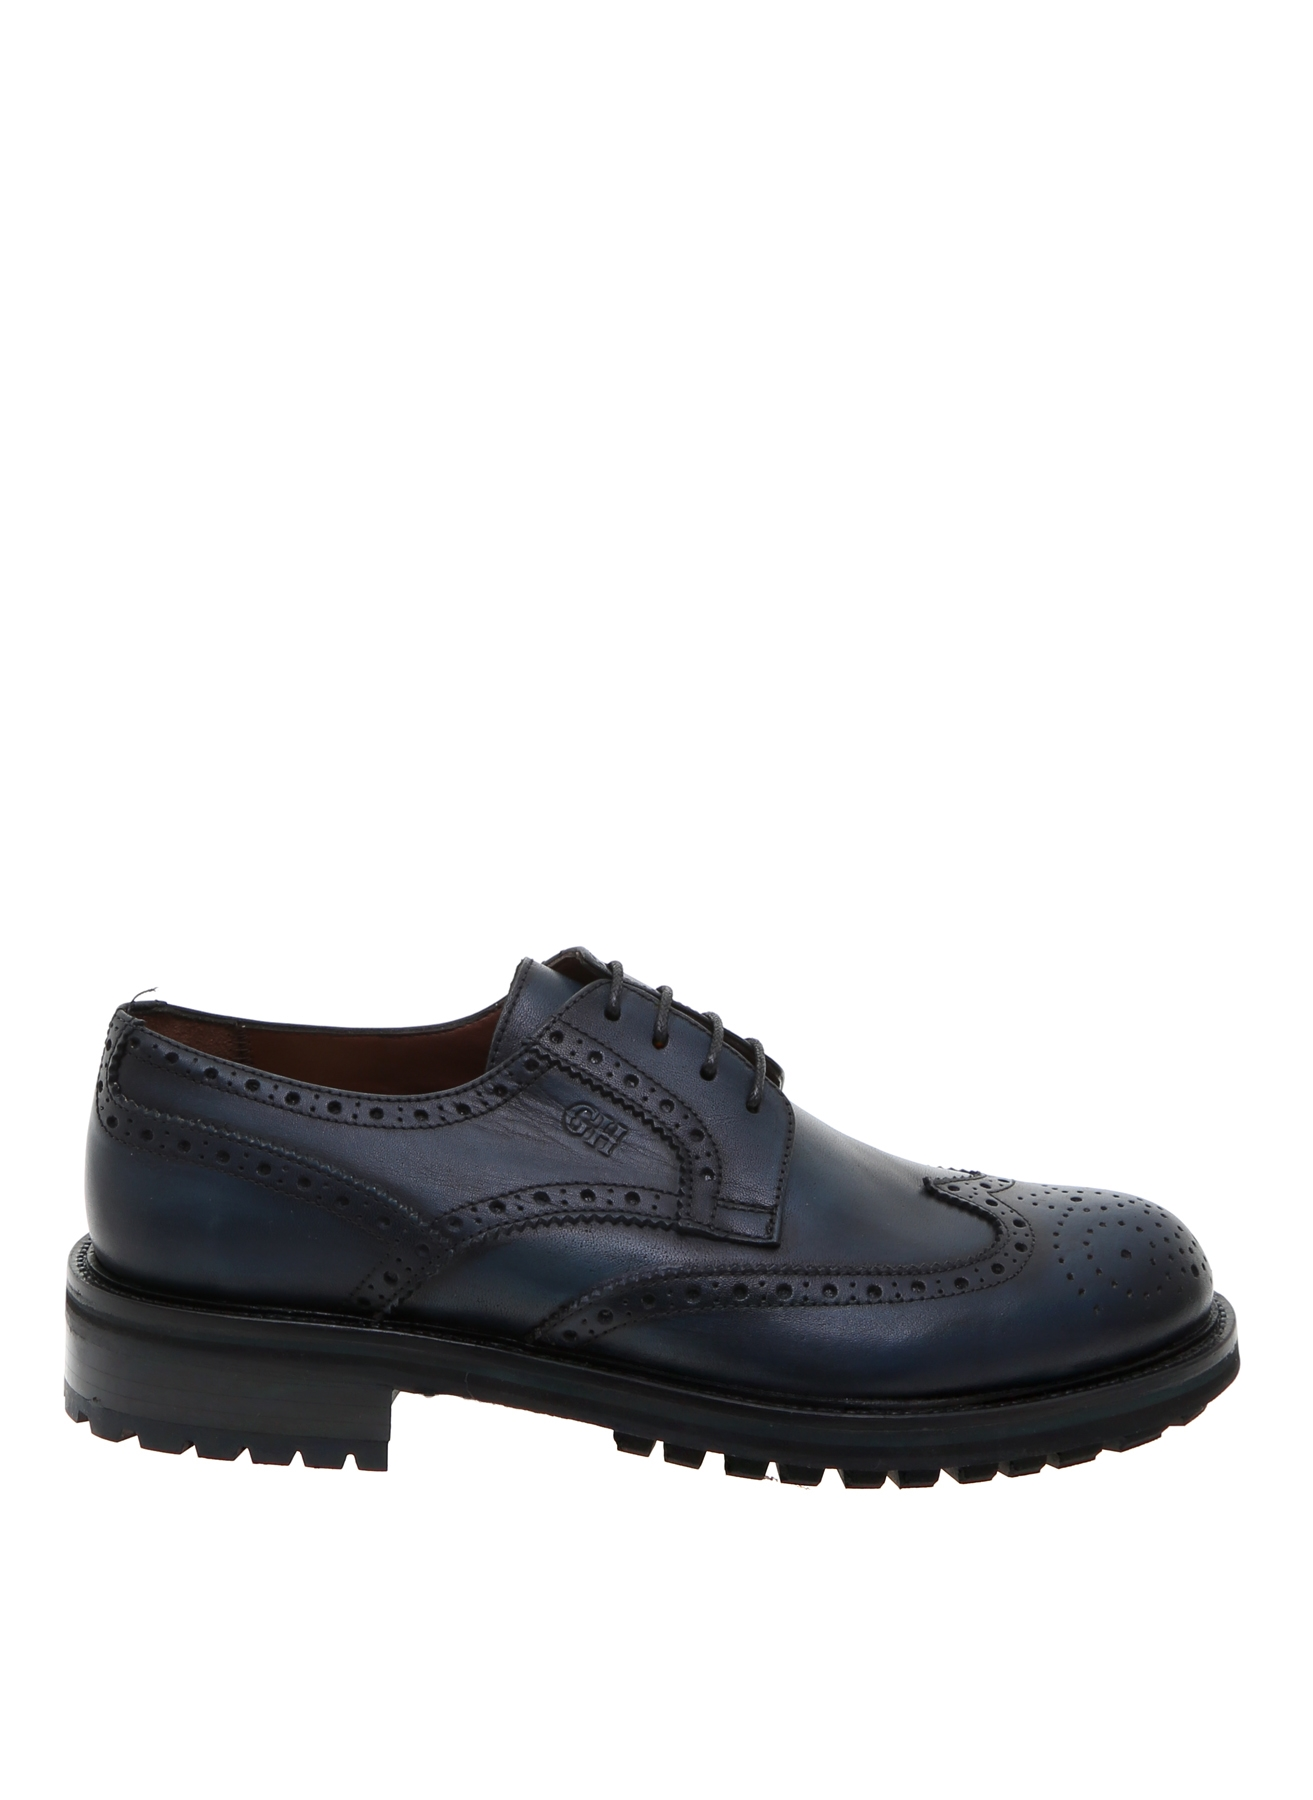 George Hogg Lacivert Klasik Klasik Ayakkabı 42 5001908435003 Ürün Resmi